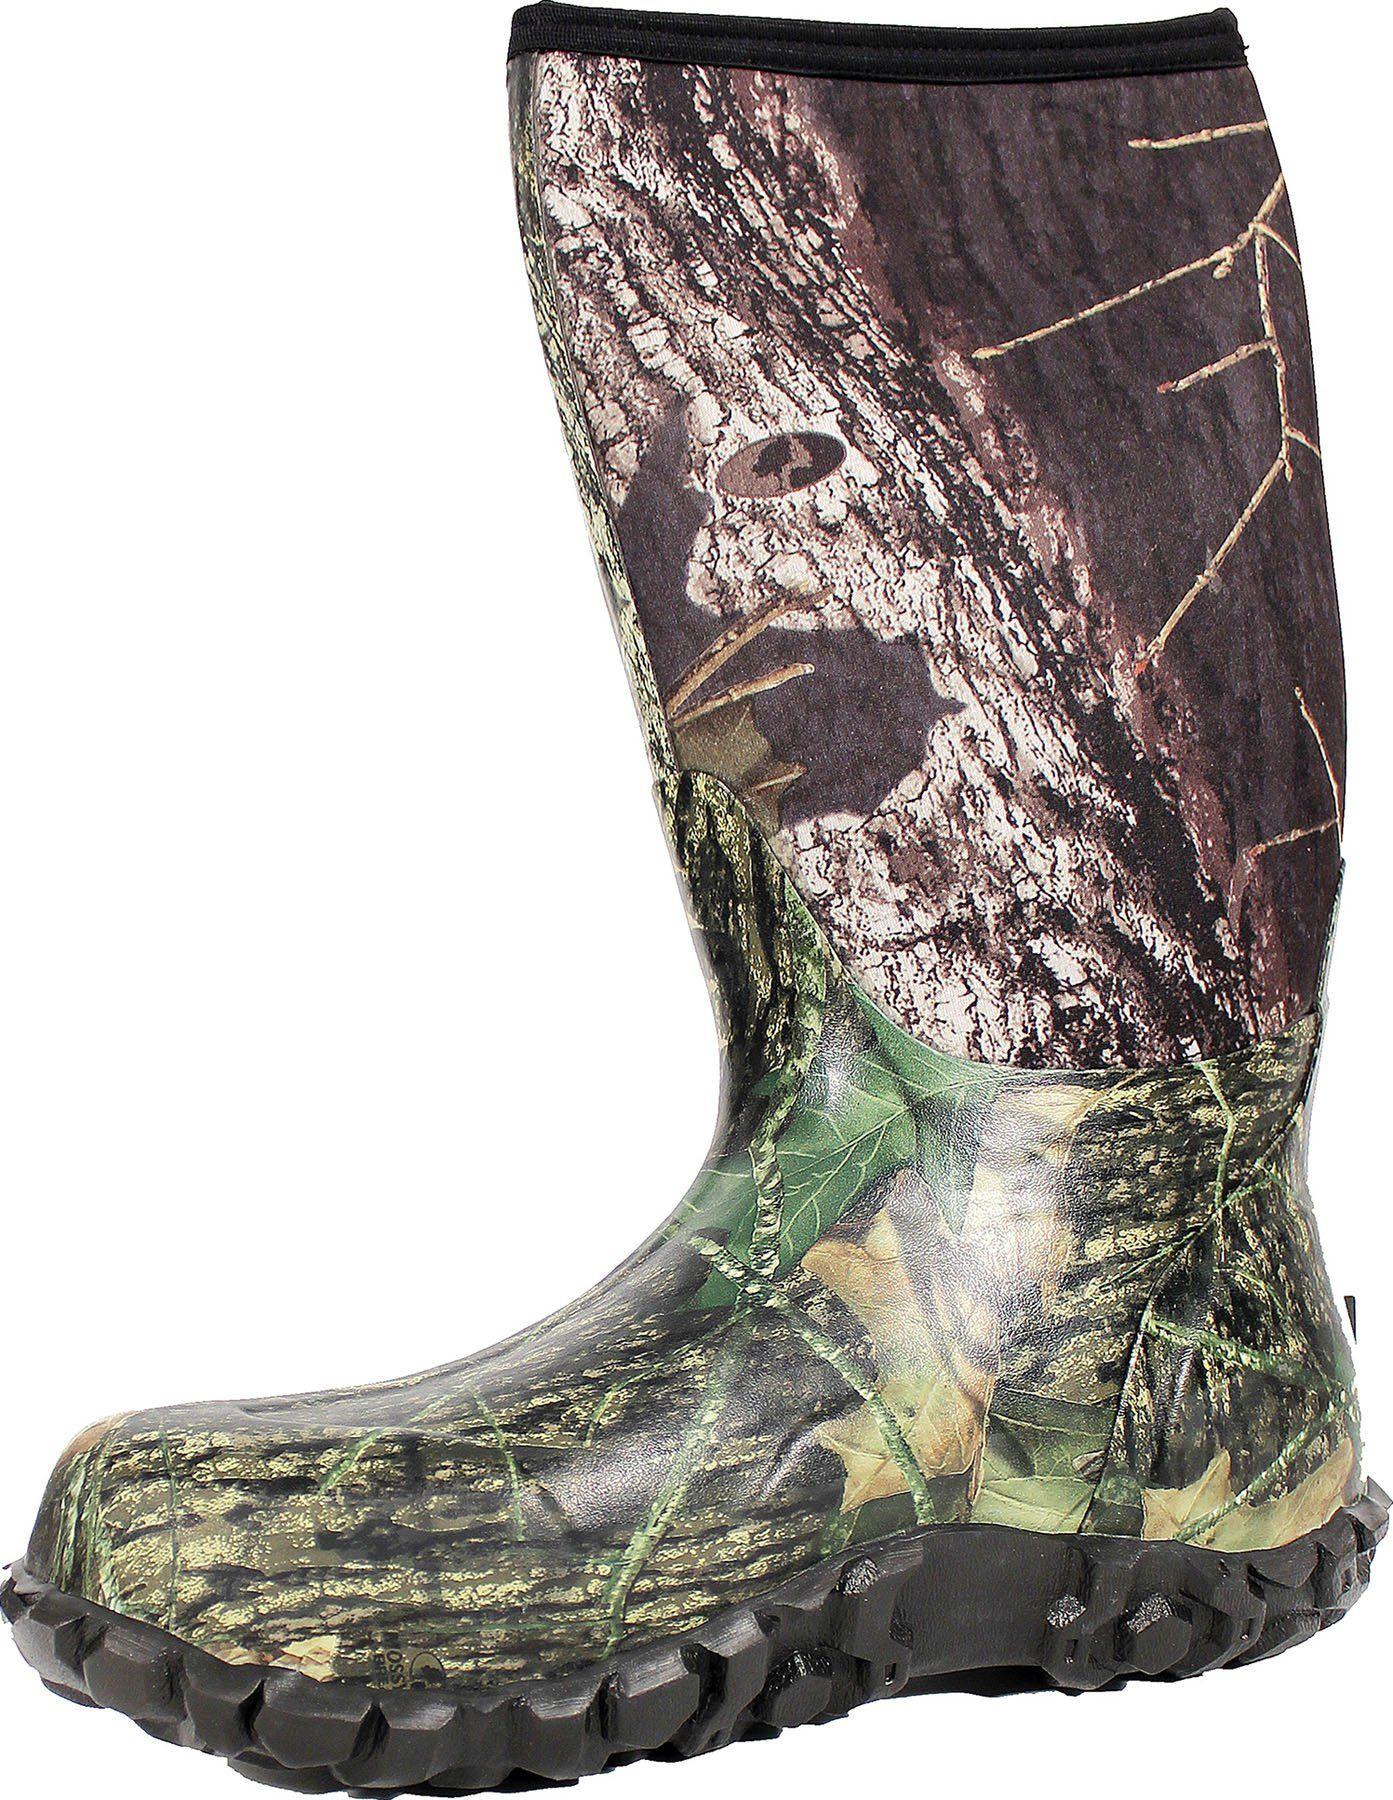 d140b83688d Bogs Men s Classic High Waterproof Insulated Rain Boot